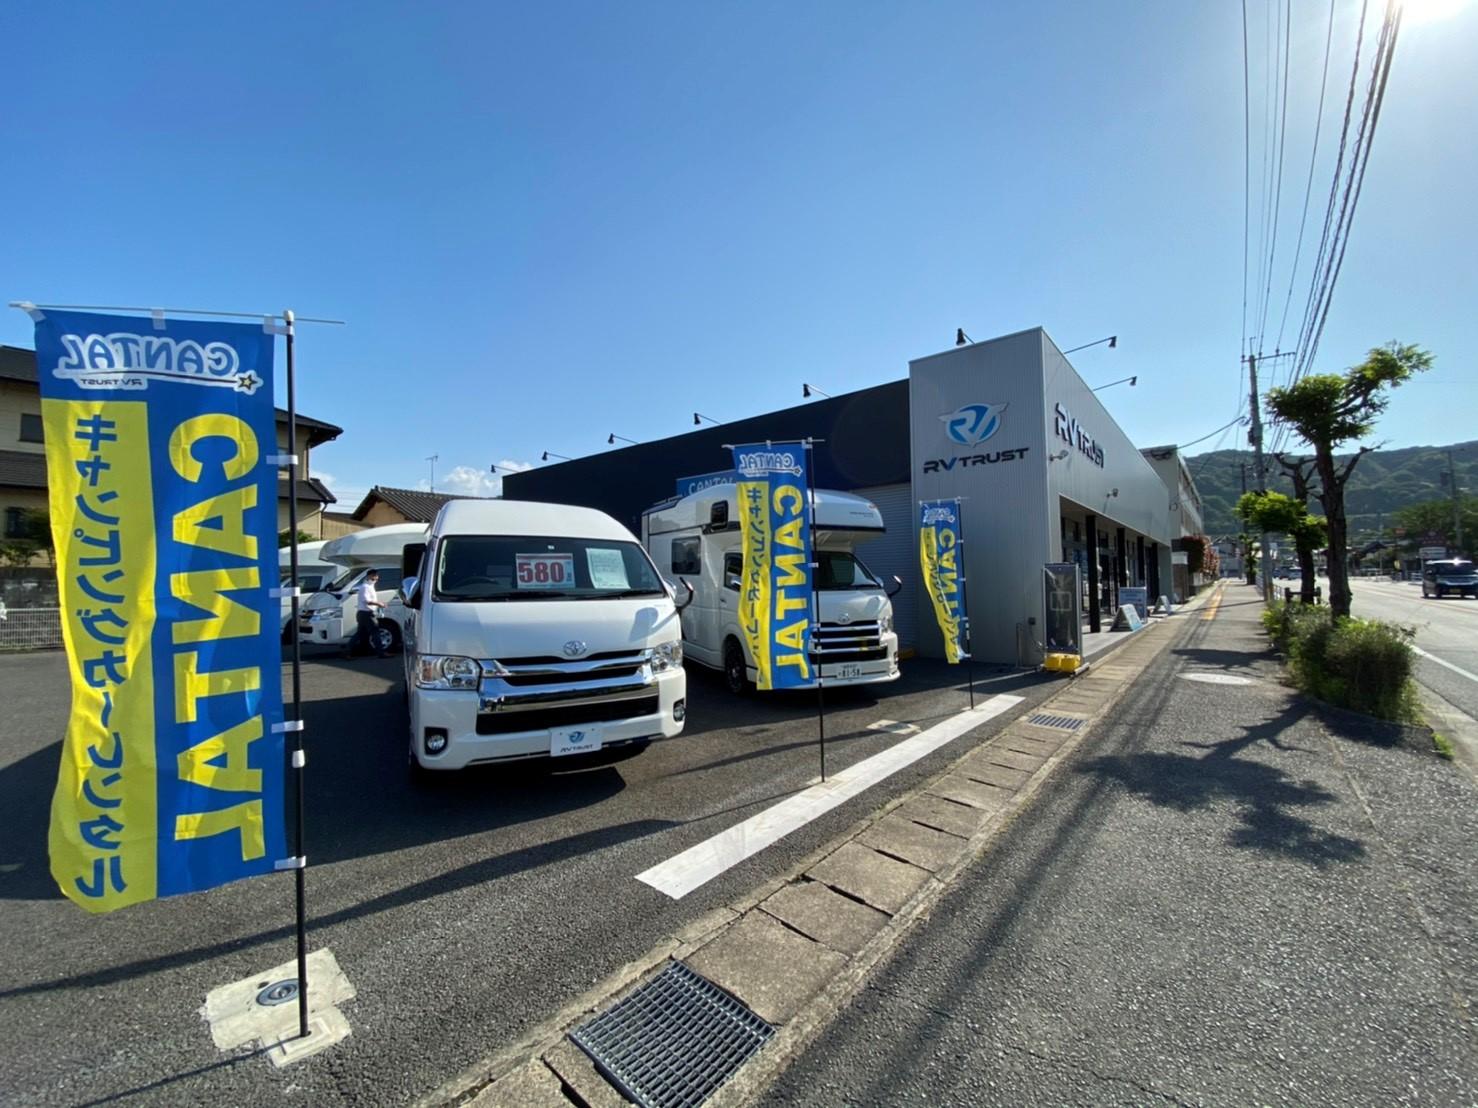 キャンピングカーレンタル『CANTAL那珂川店』|那珂川市商工会 ももちゃんネット